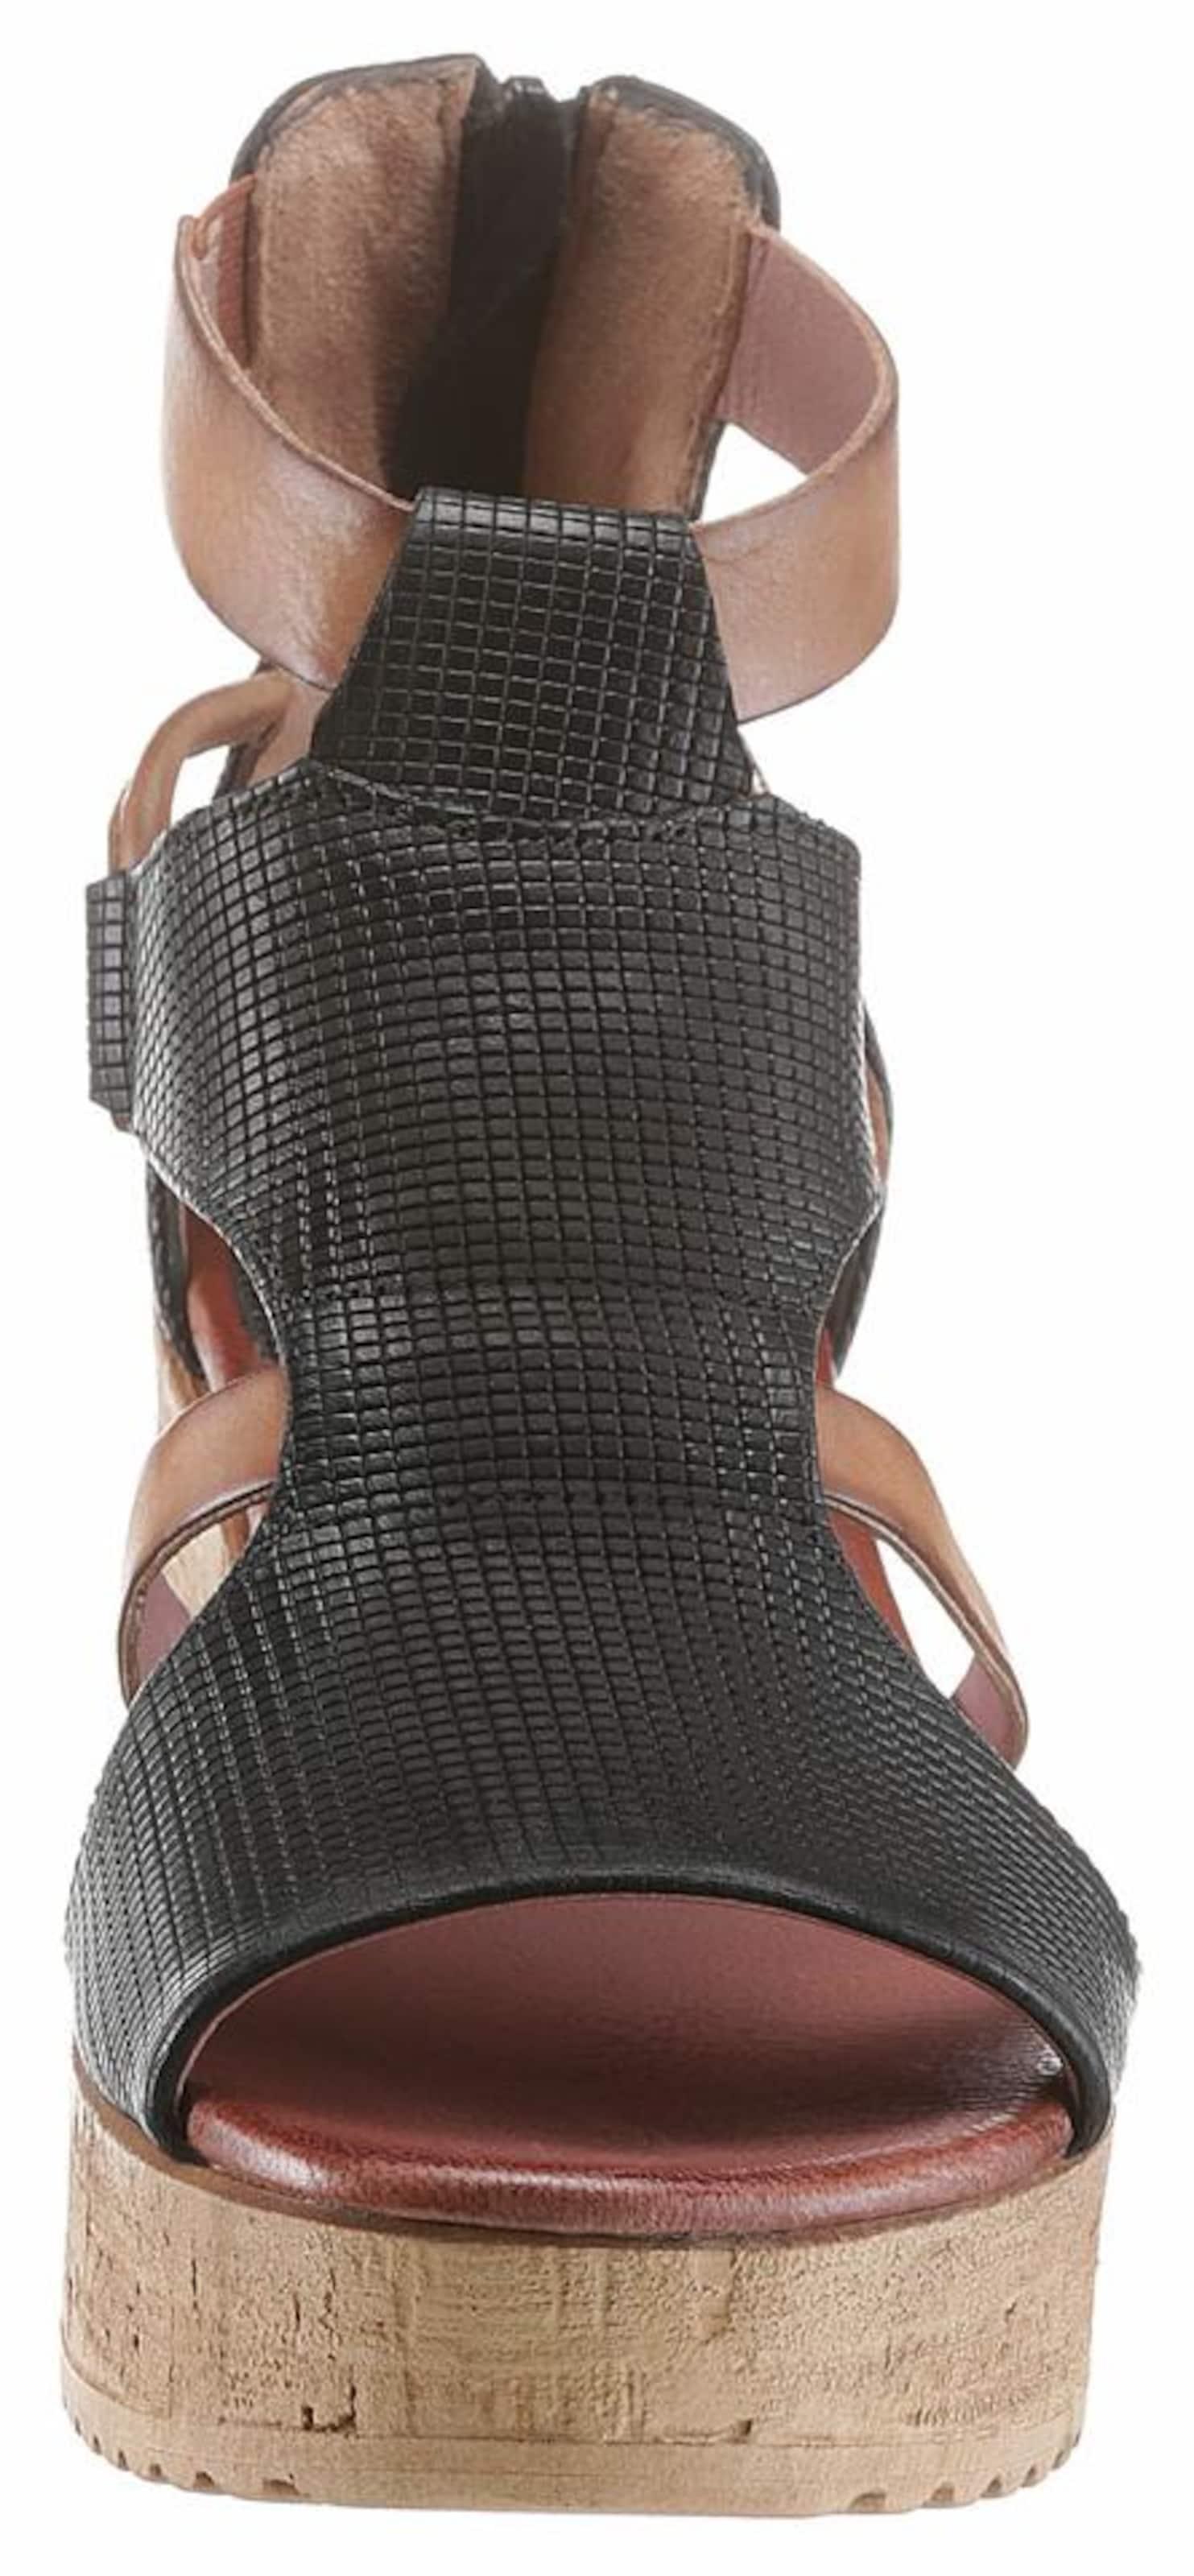 Genießen Sie Online ARIZONA Sandalette Steckdose Countdown-Paket Jlppob